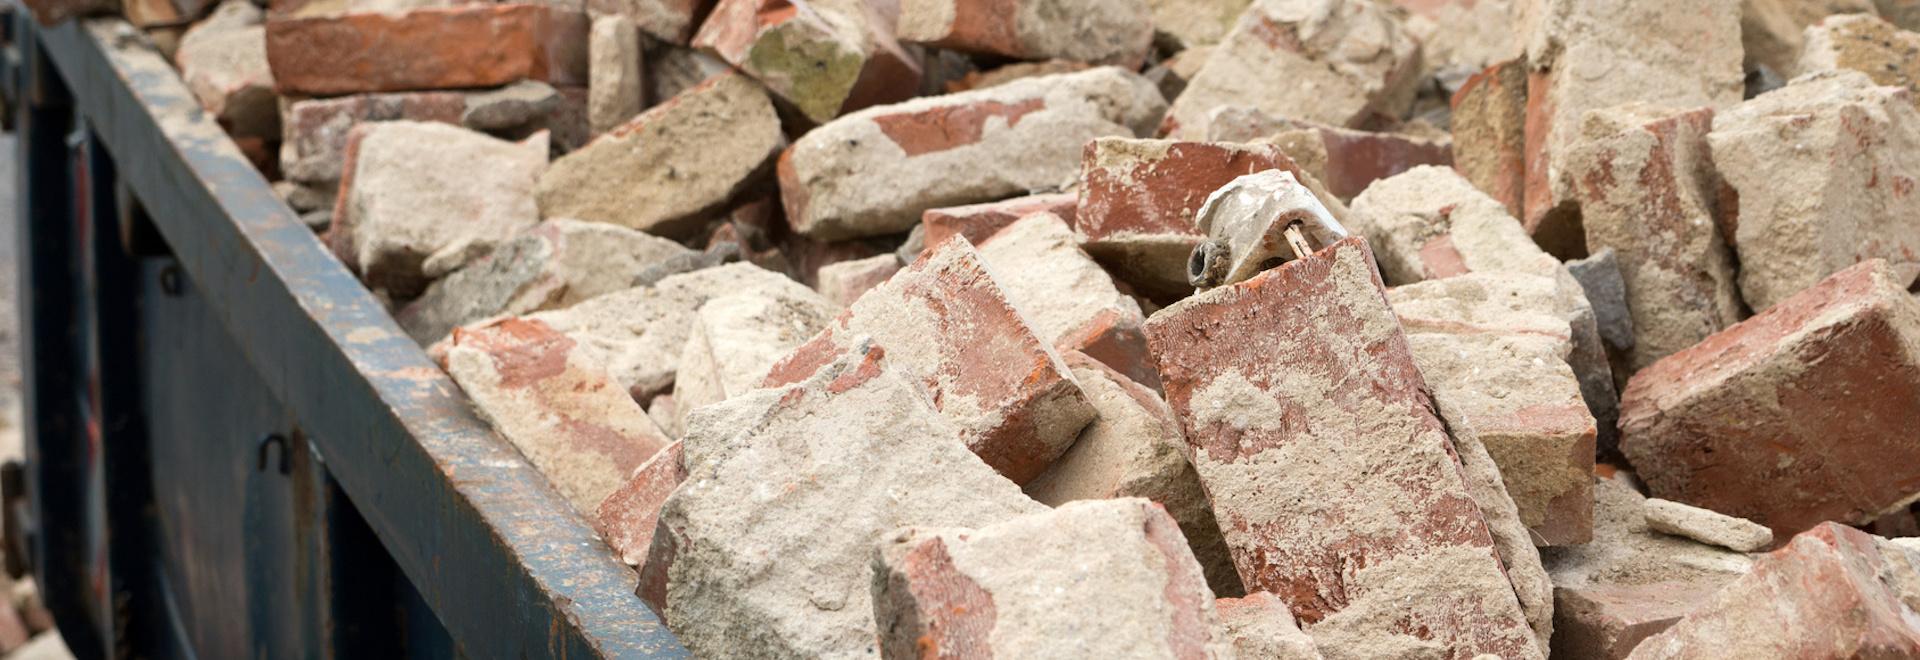 Drvenie a triedenie stavebného odpadu